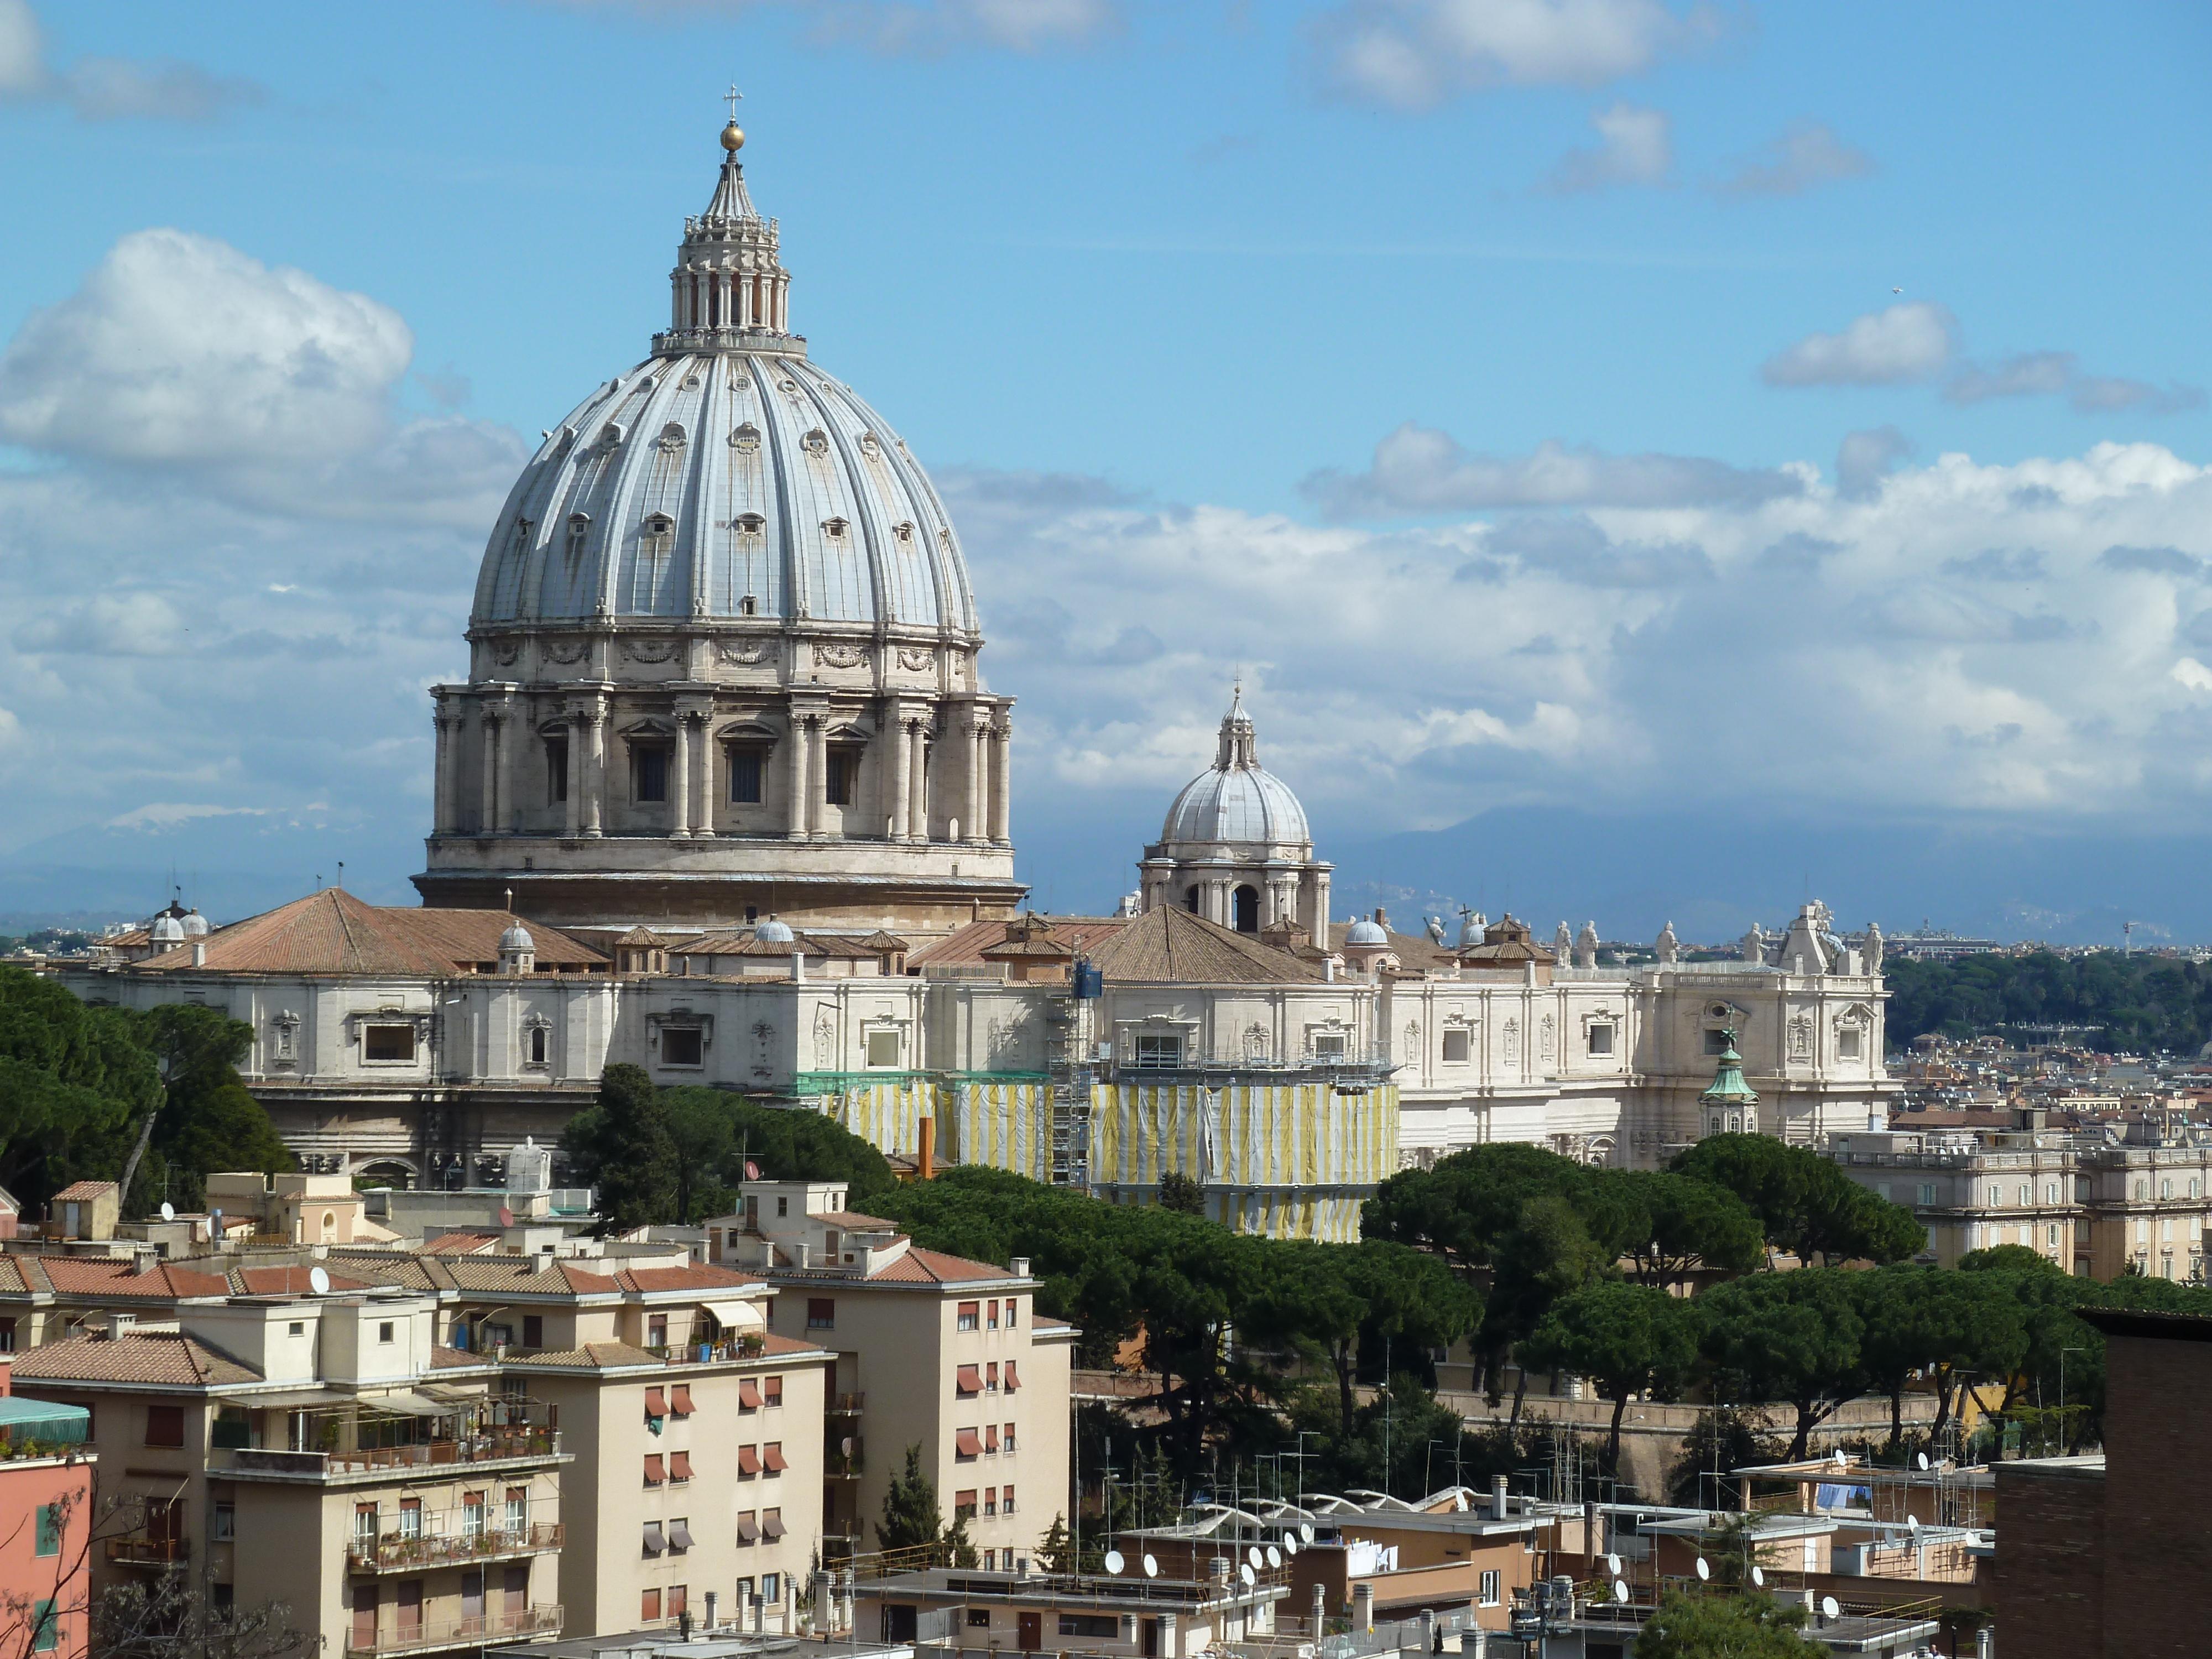 Epifania, Musei aperti a Roma: eventi e ingressi gratis - Lo Speciale